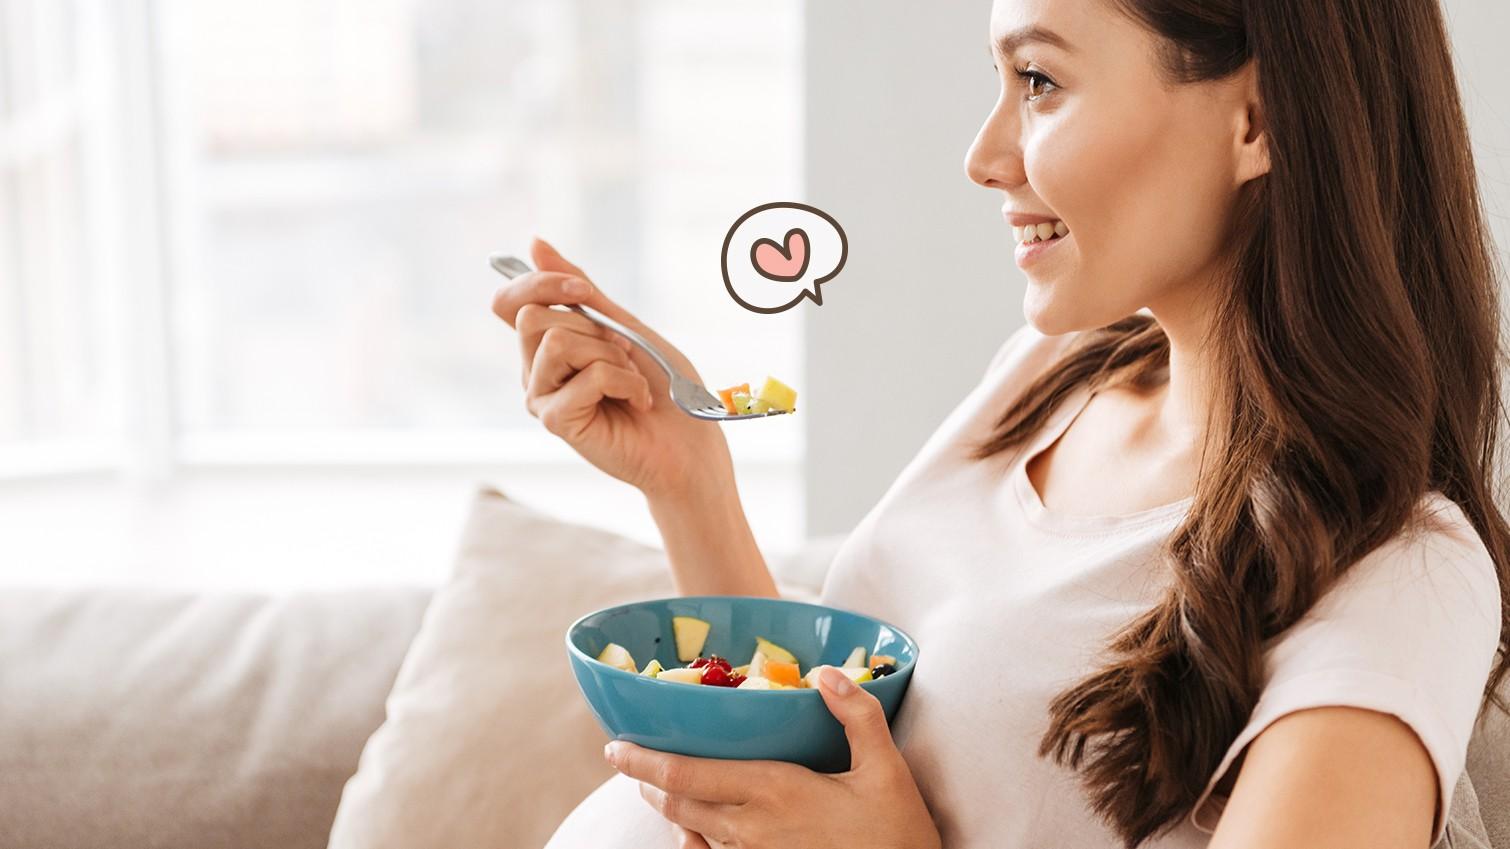 5 Makanan Sehat Untuk Ibu Hamil Muda Berbagi Tips Parenting